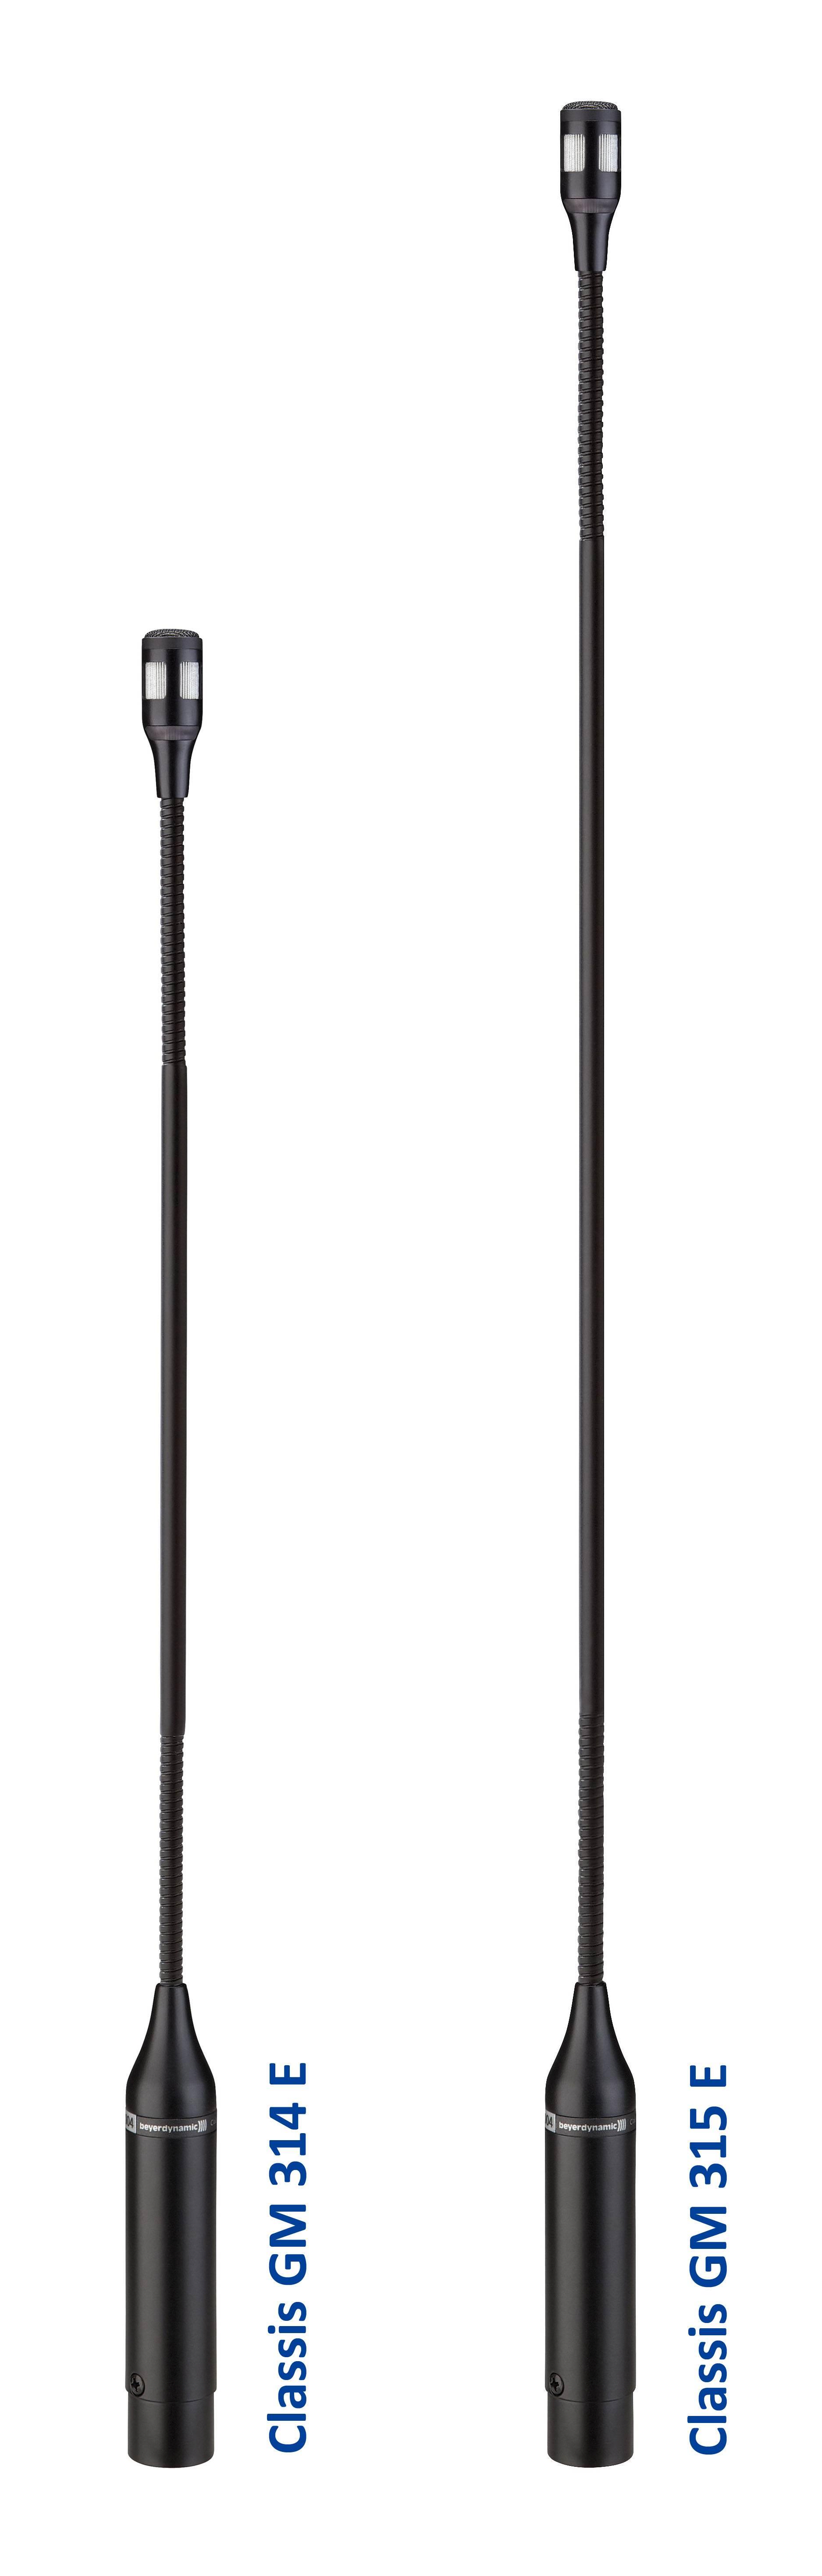 کپسول گردن غازی محصول کمپانی Beyerdynamic ( بیرداینامیک ) سری Classis